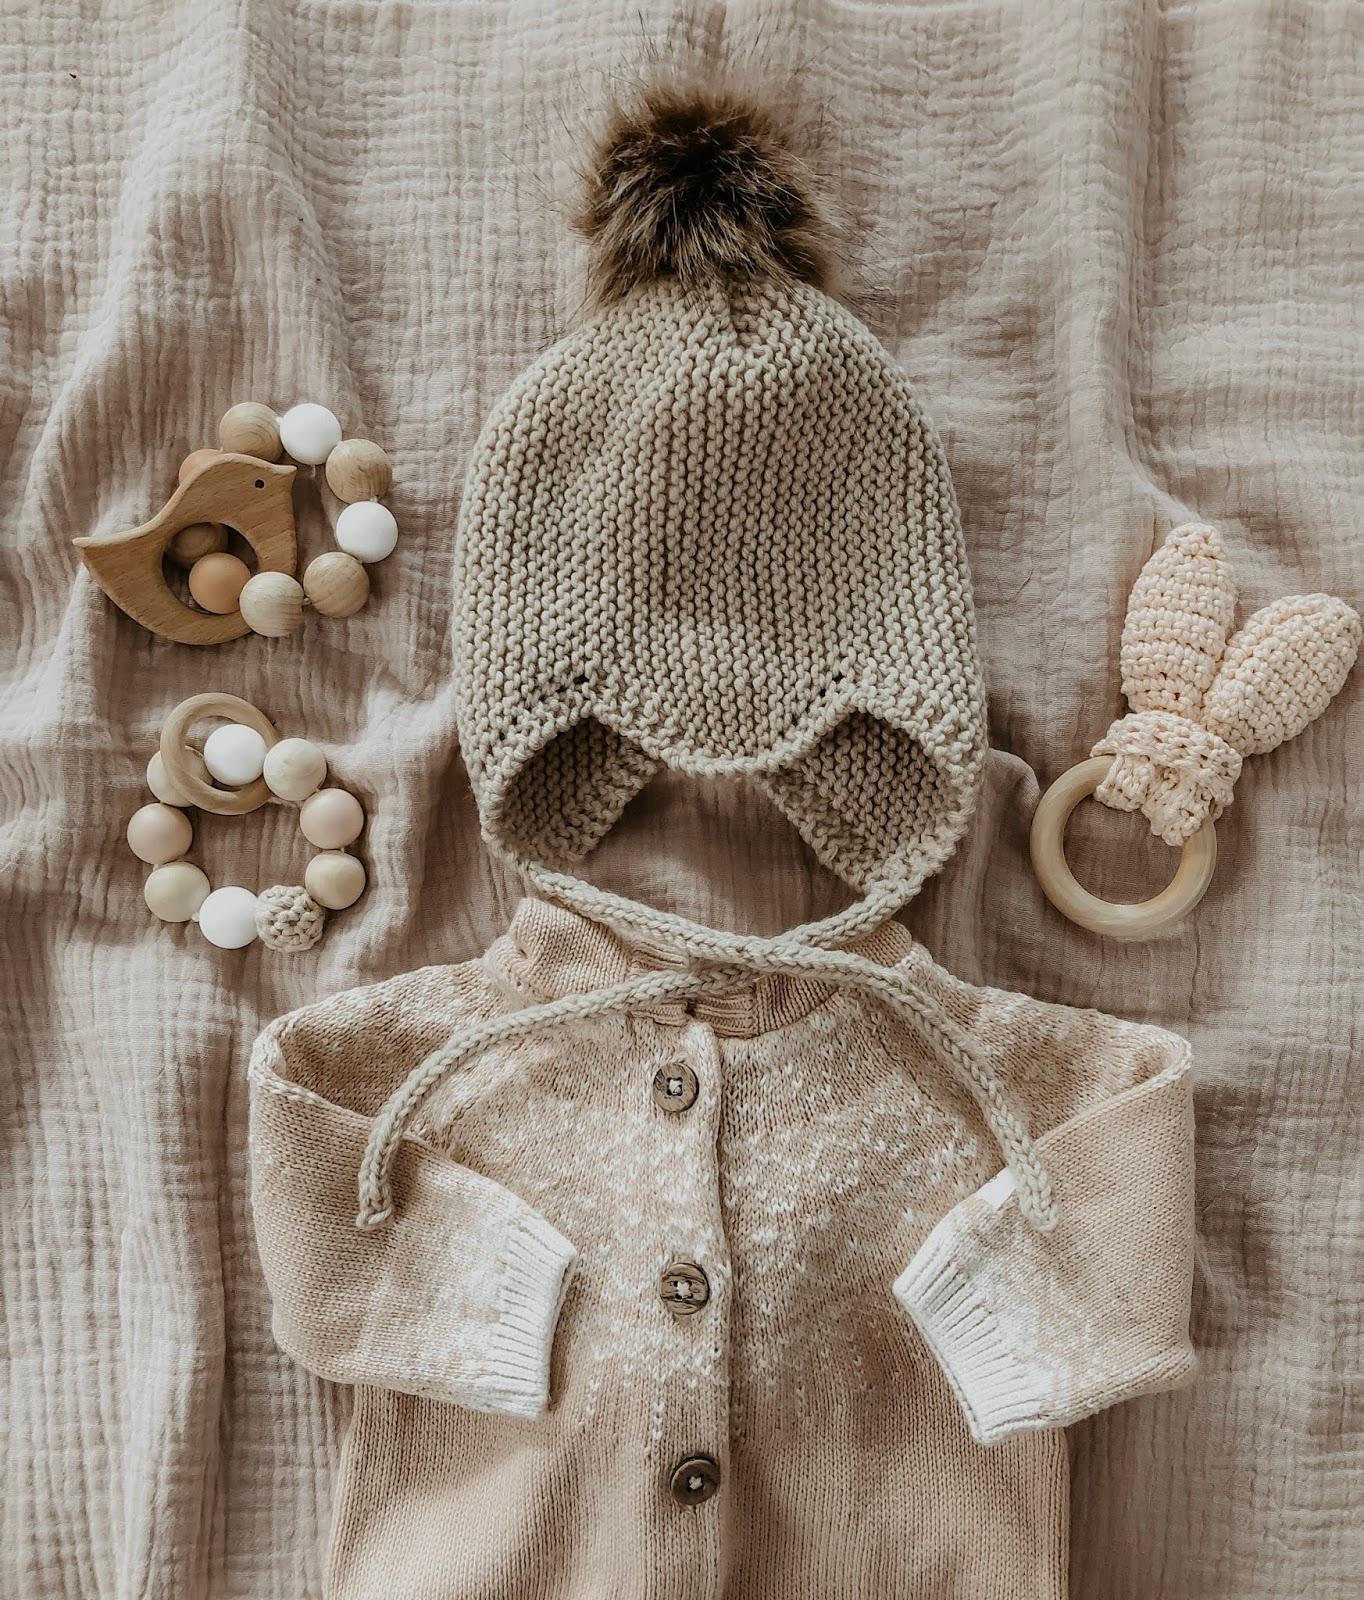 vauvankyparamyssy